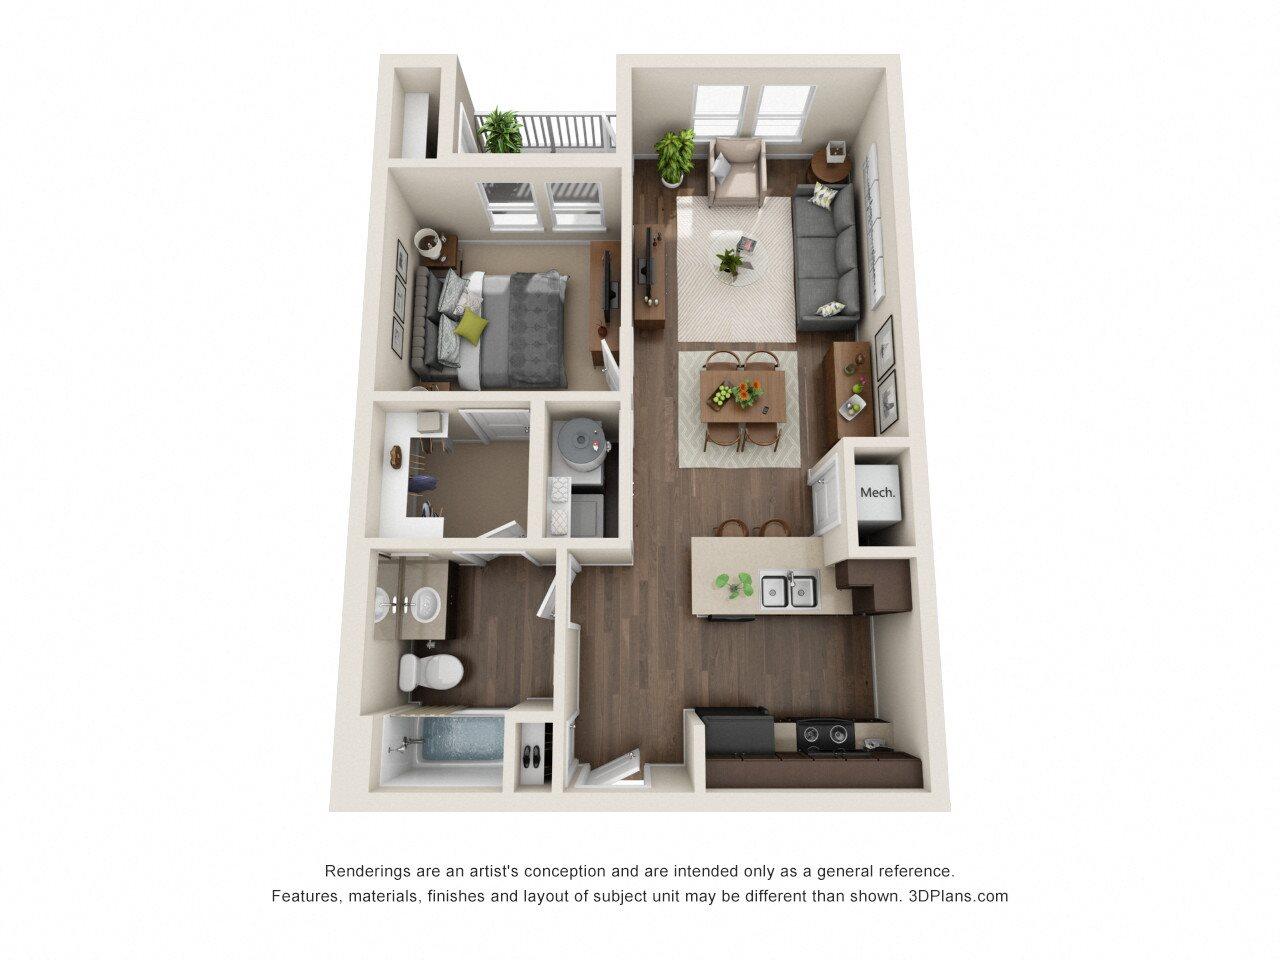 1 2 3 bedroom apartments in san antonio tx rio lofts - One bedroom apartments san antonio ...